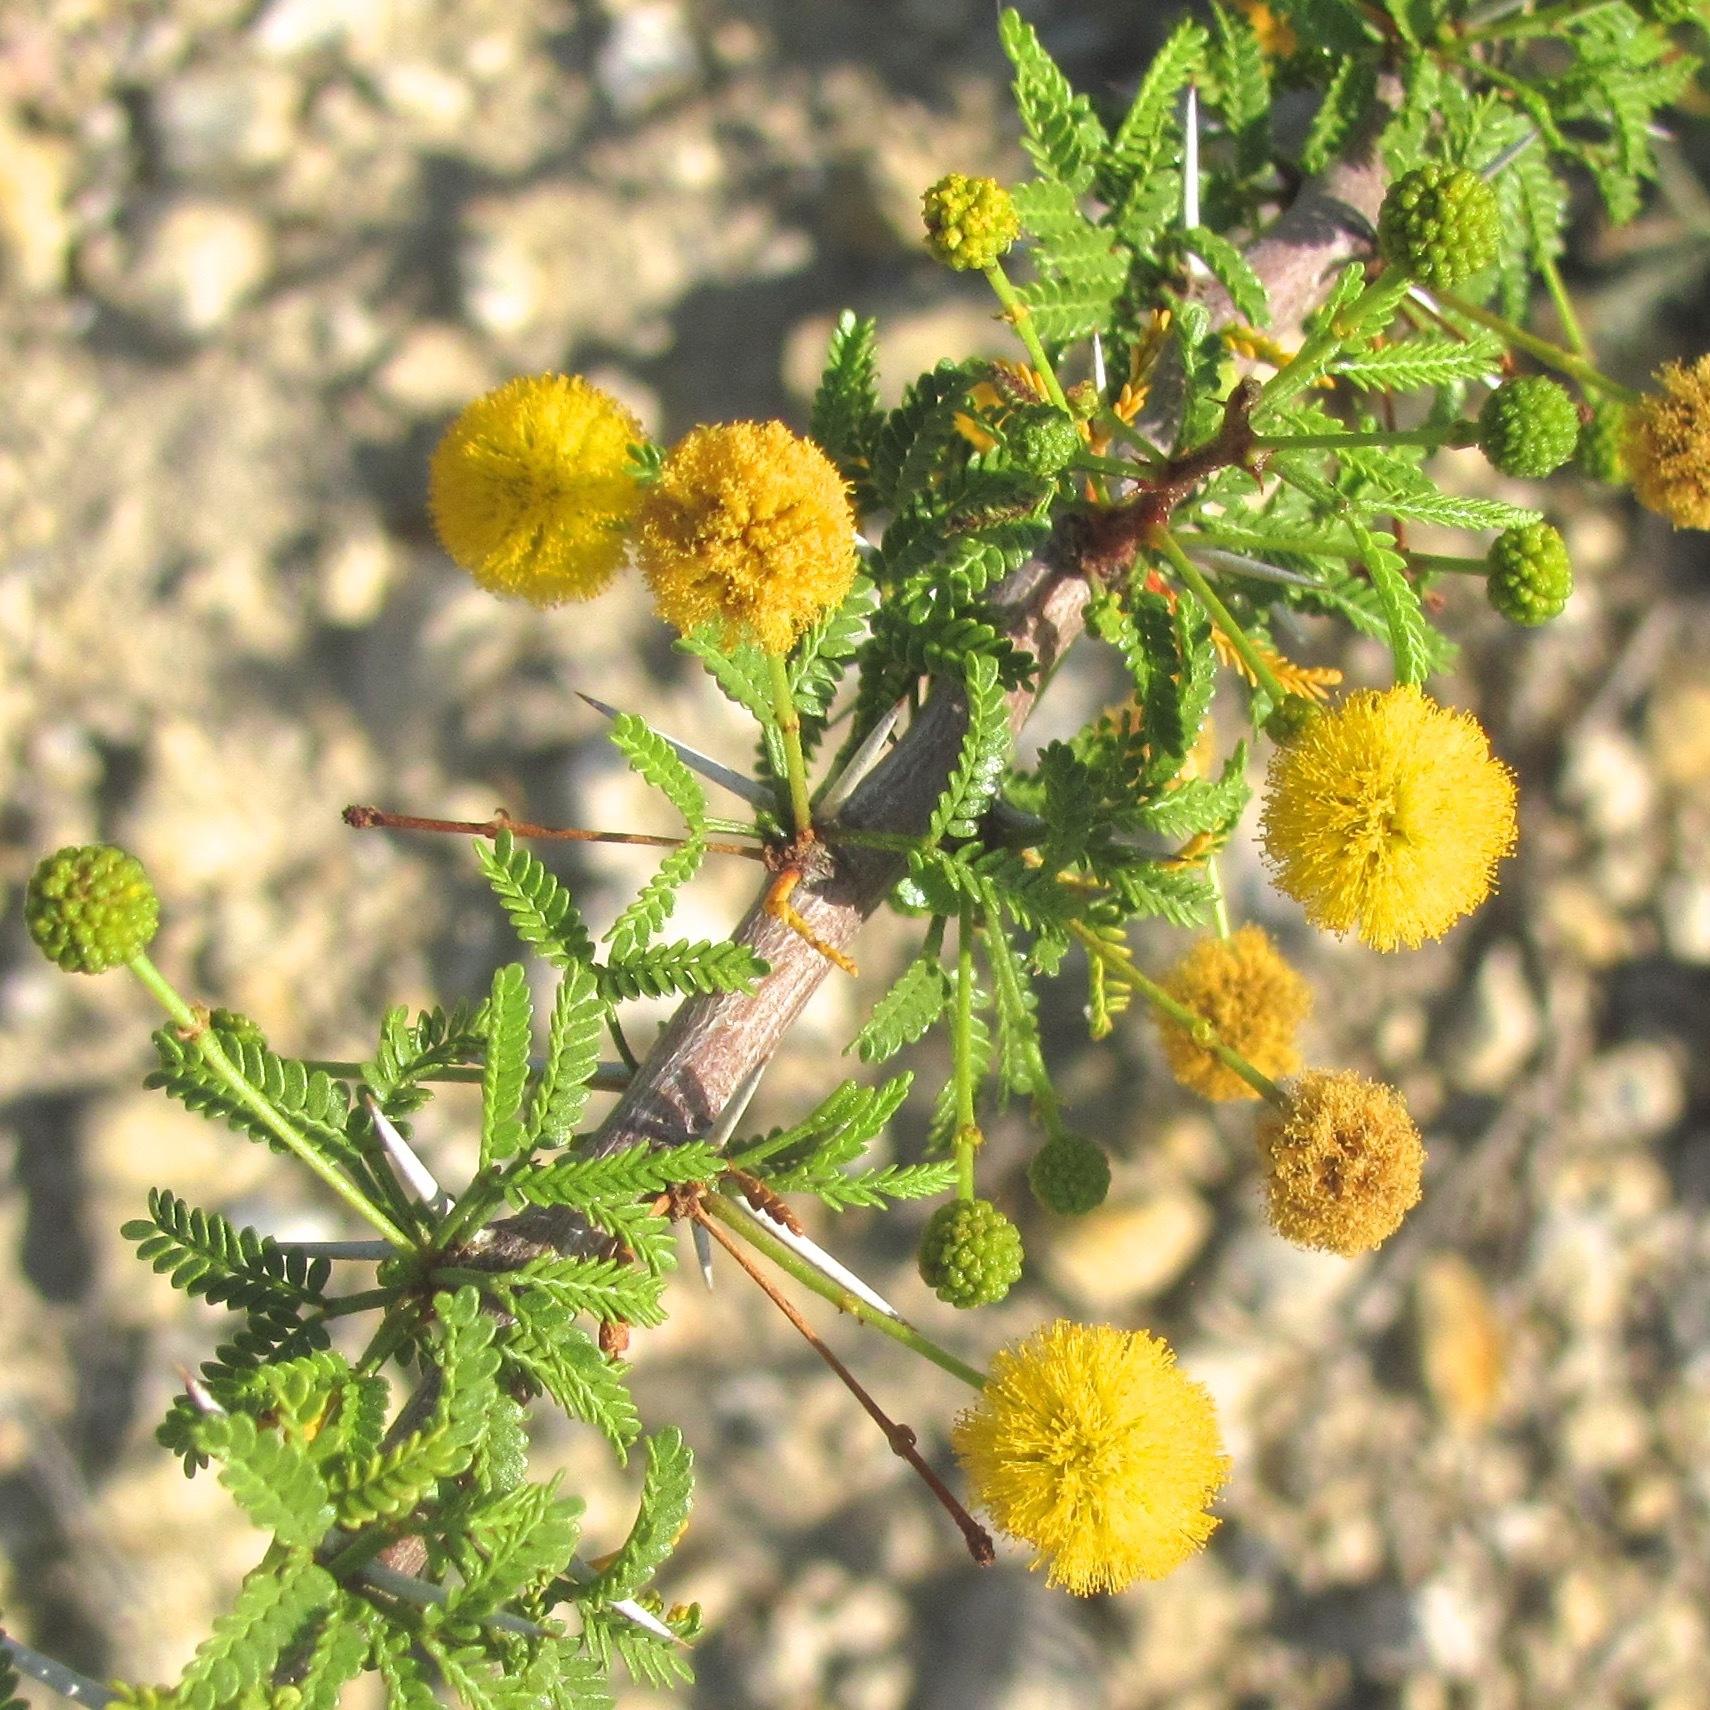 - vachellia vernicosaviscid acacia